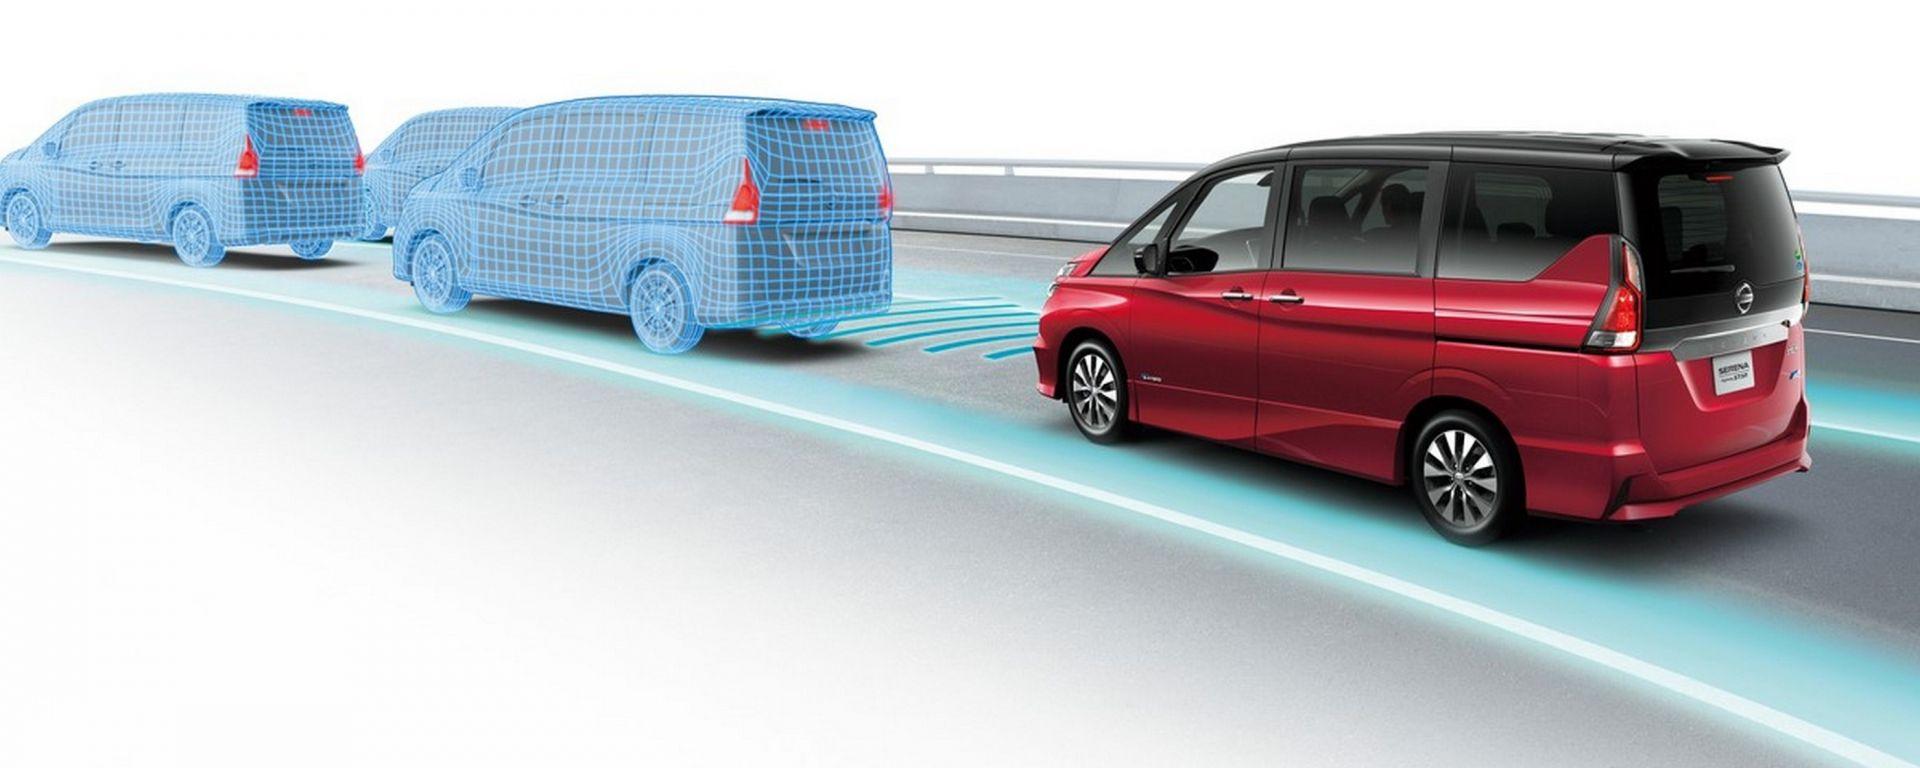 Nissan ProPILOT: il sistema di guida autonoma debutterà a bordo della nuova Serena